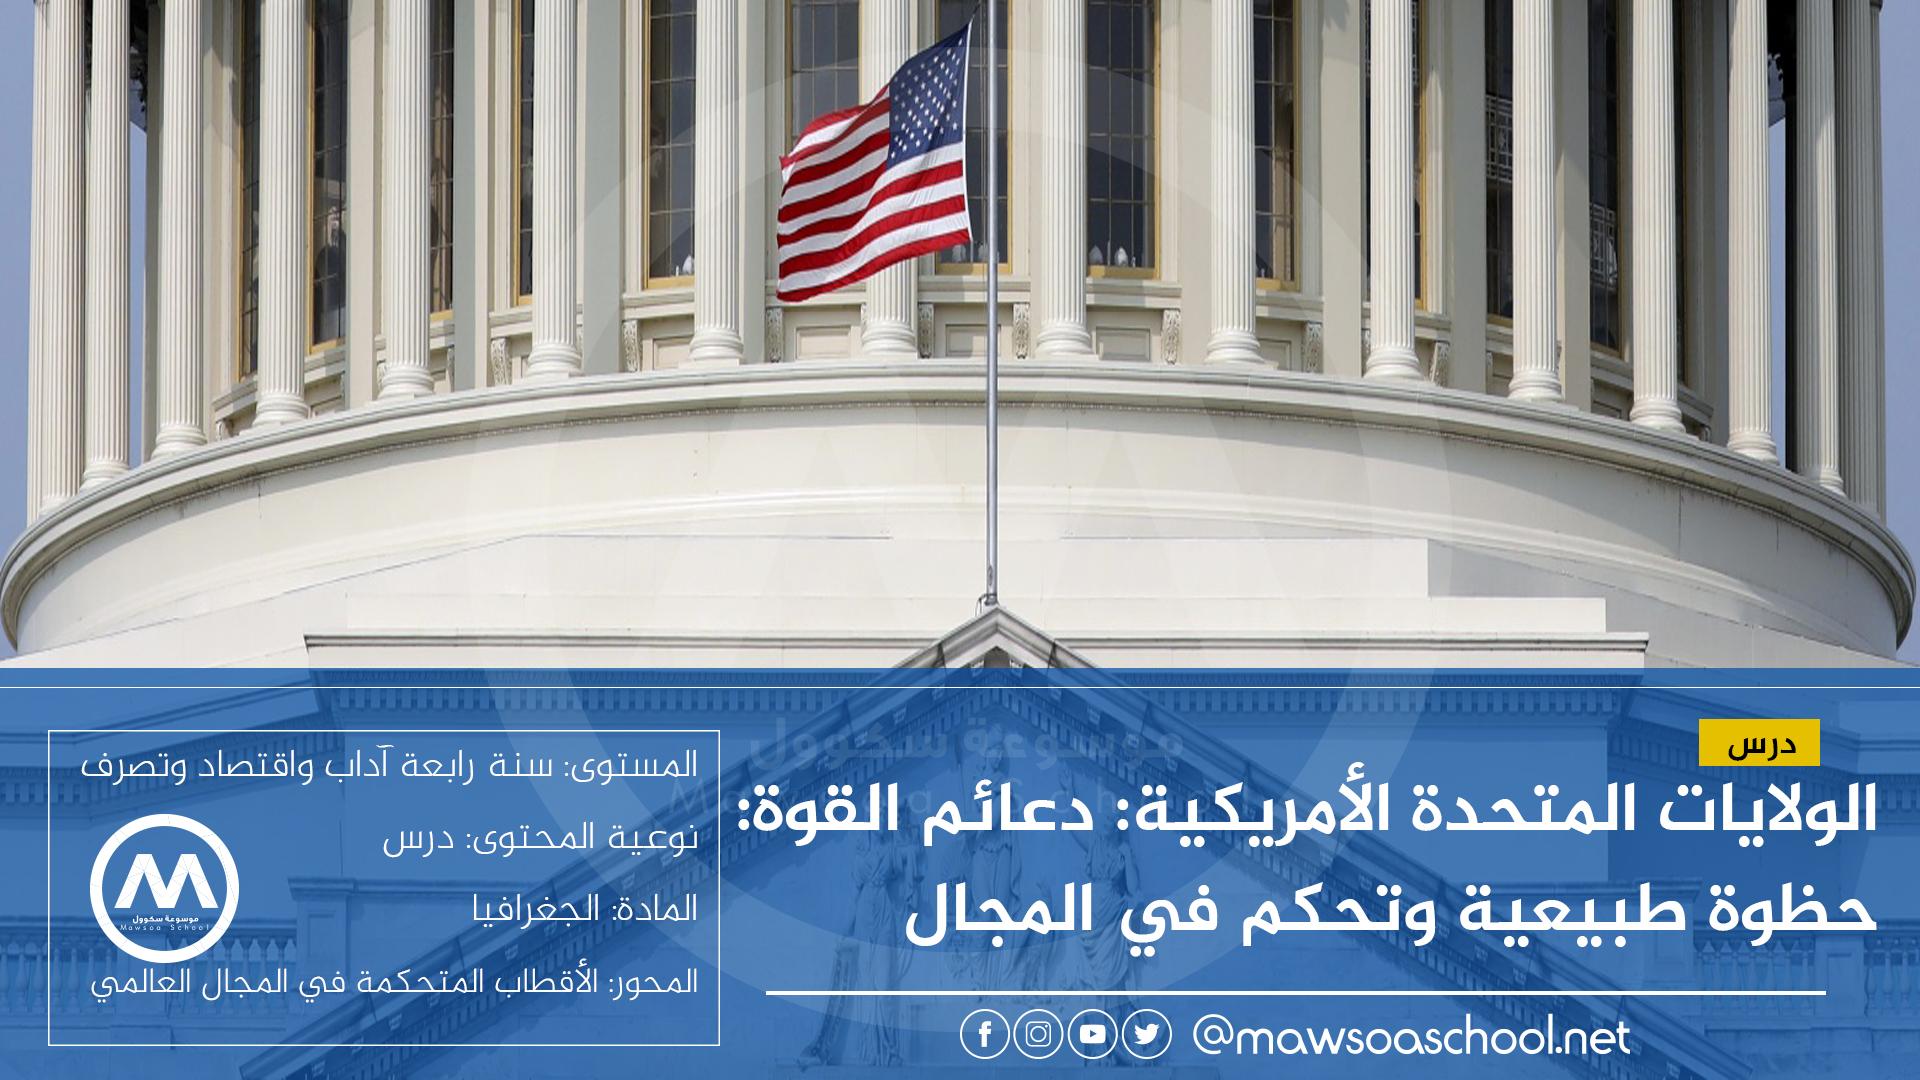 الولايات المتحدة الأمريكية - دعائم القوة: حظوة طبيعية وتحكم في المجال - جغرافيا - بكالوريا آداب واقتصاد وتصرف